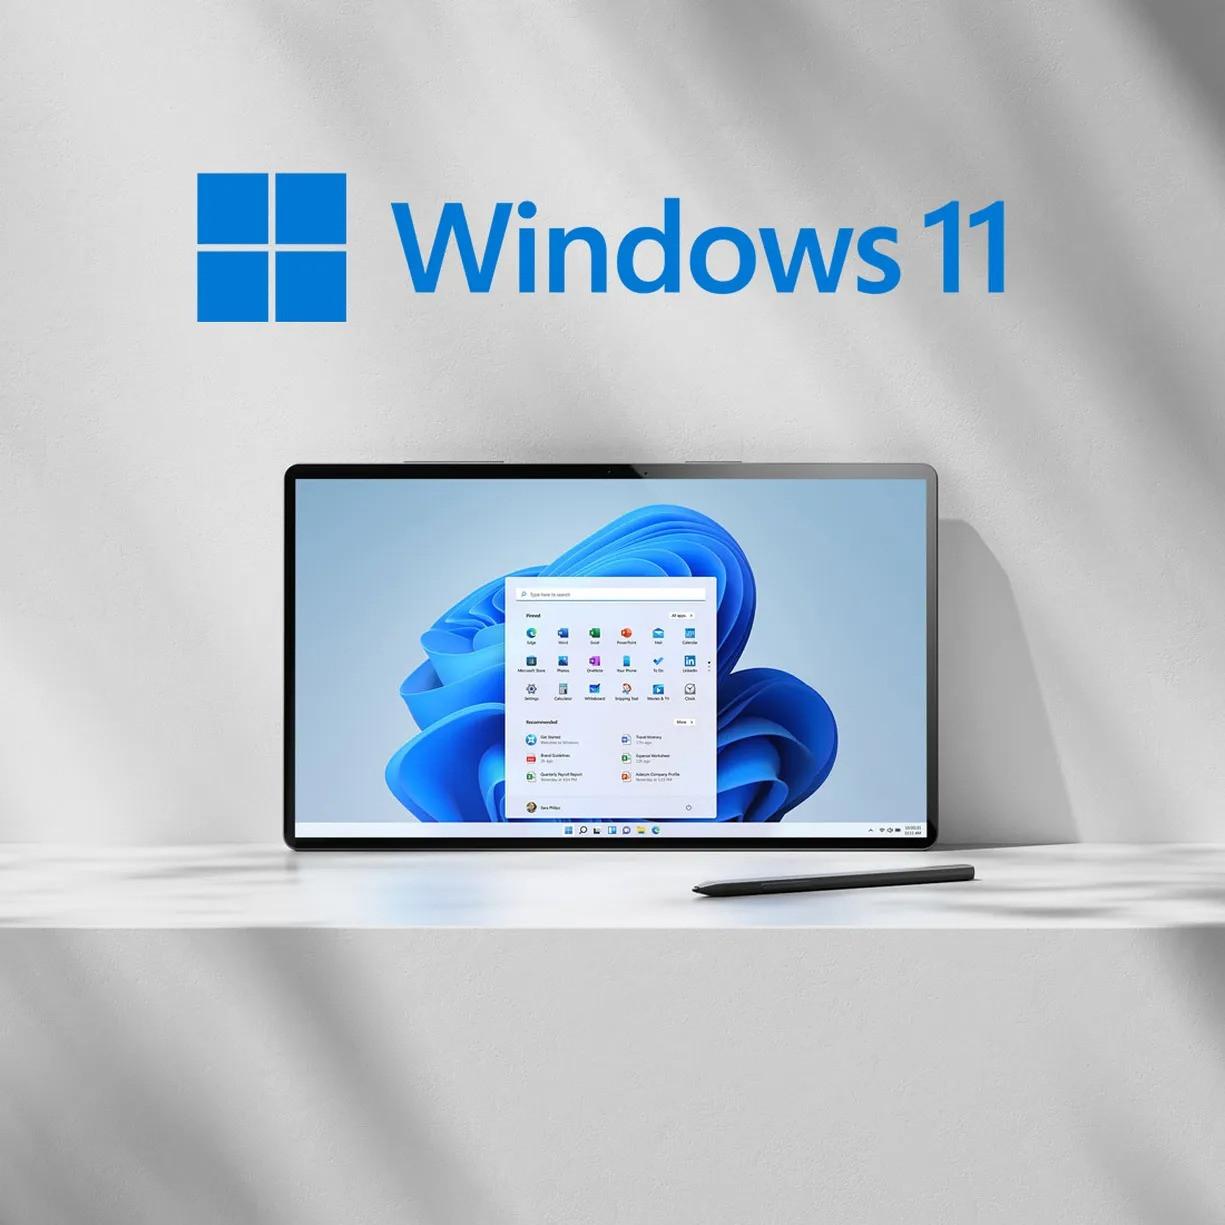 Windows 11 đang bỏ mặc hàng triệu chiếc PC, Microsoft vẫn chưa thể giải thích tại sao